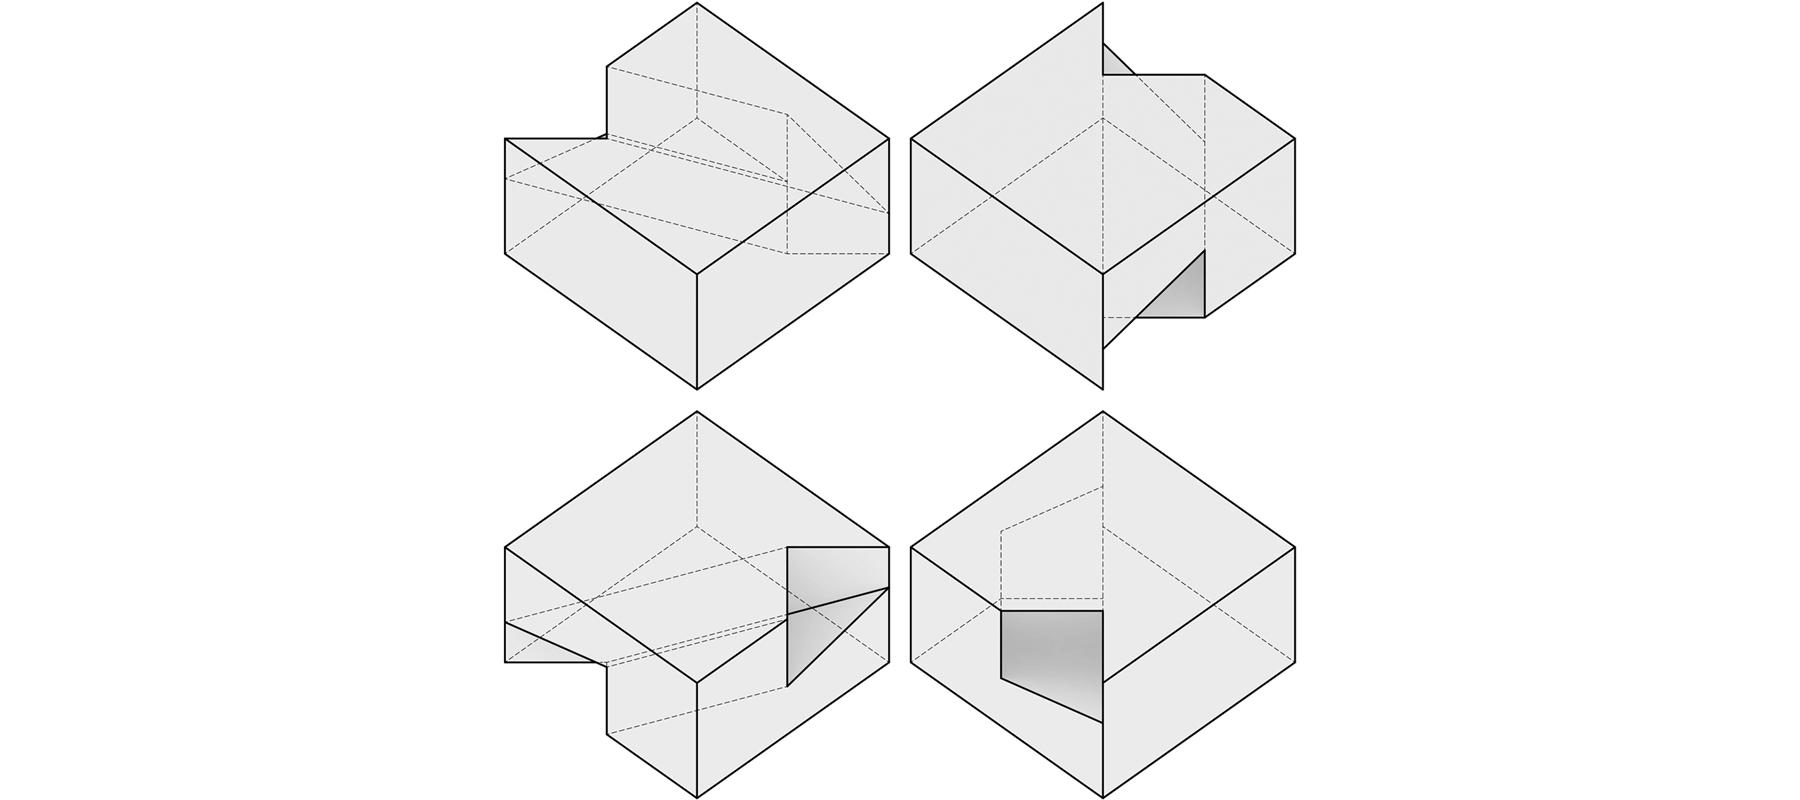 ................ isometric diagrams ................